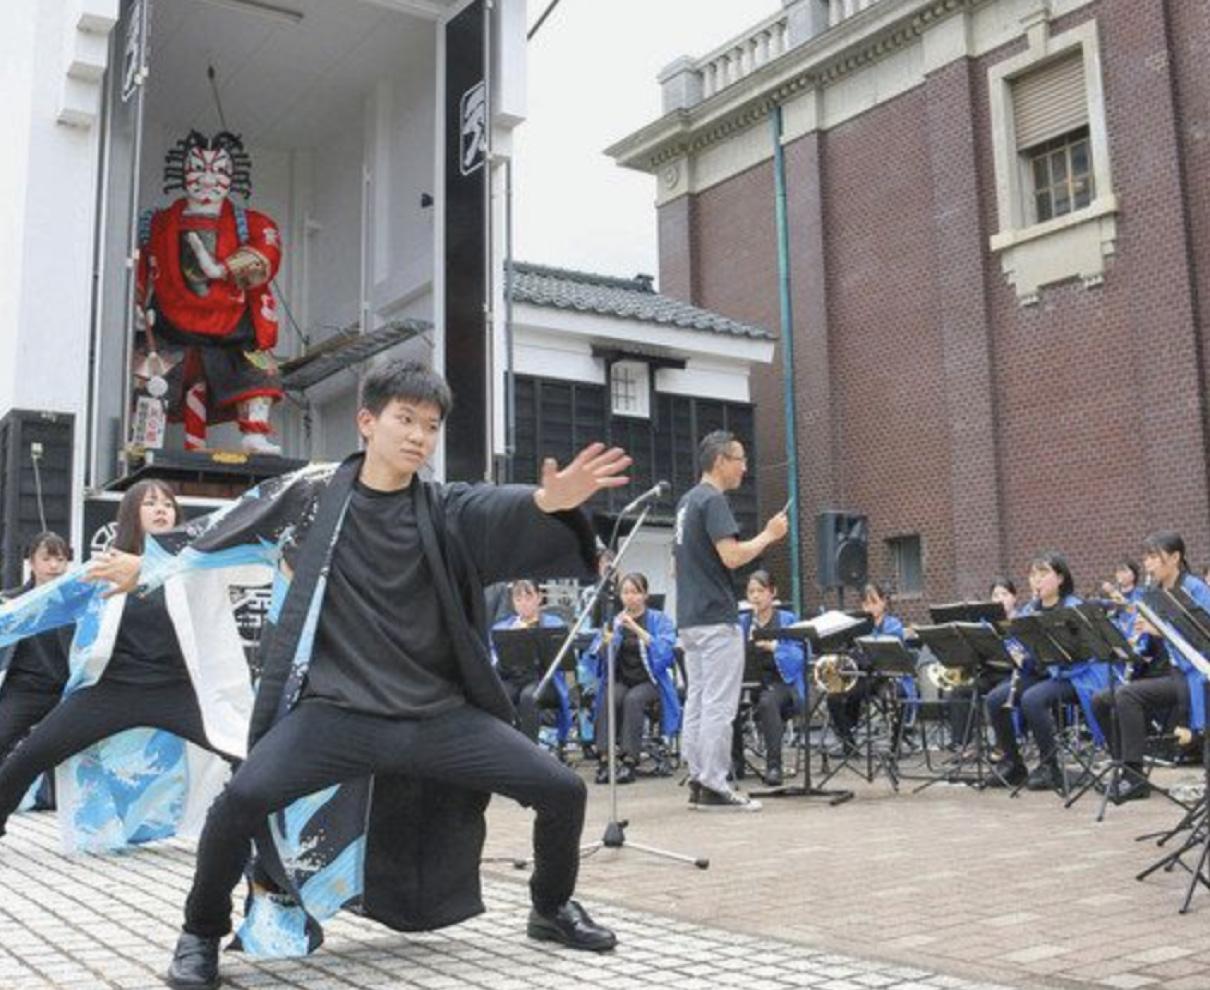 三国旧市街地 華やかな音色 8団体で音楽祭